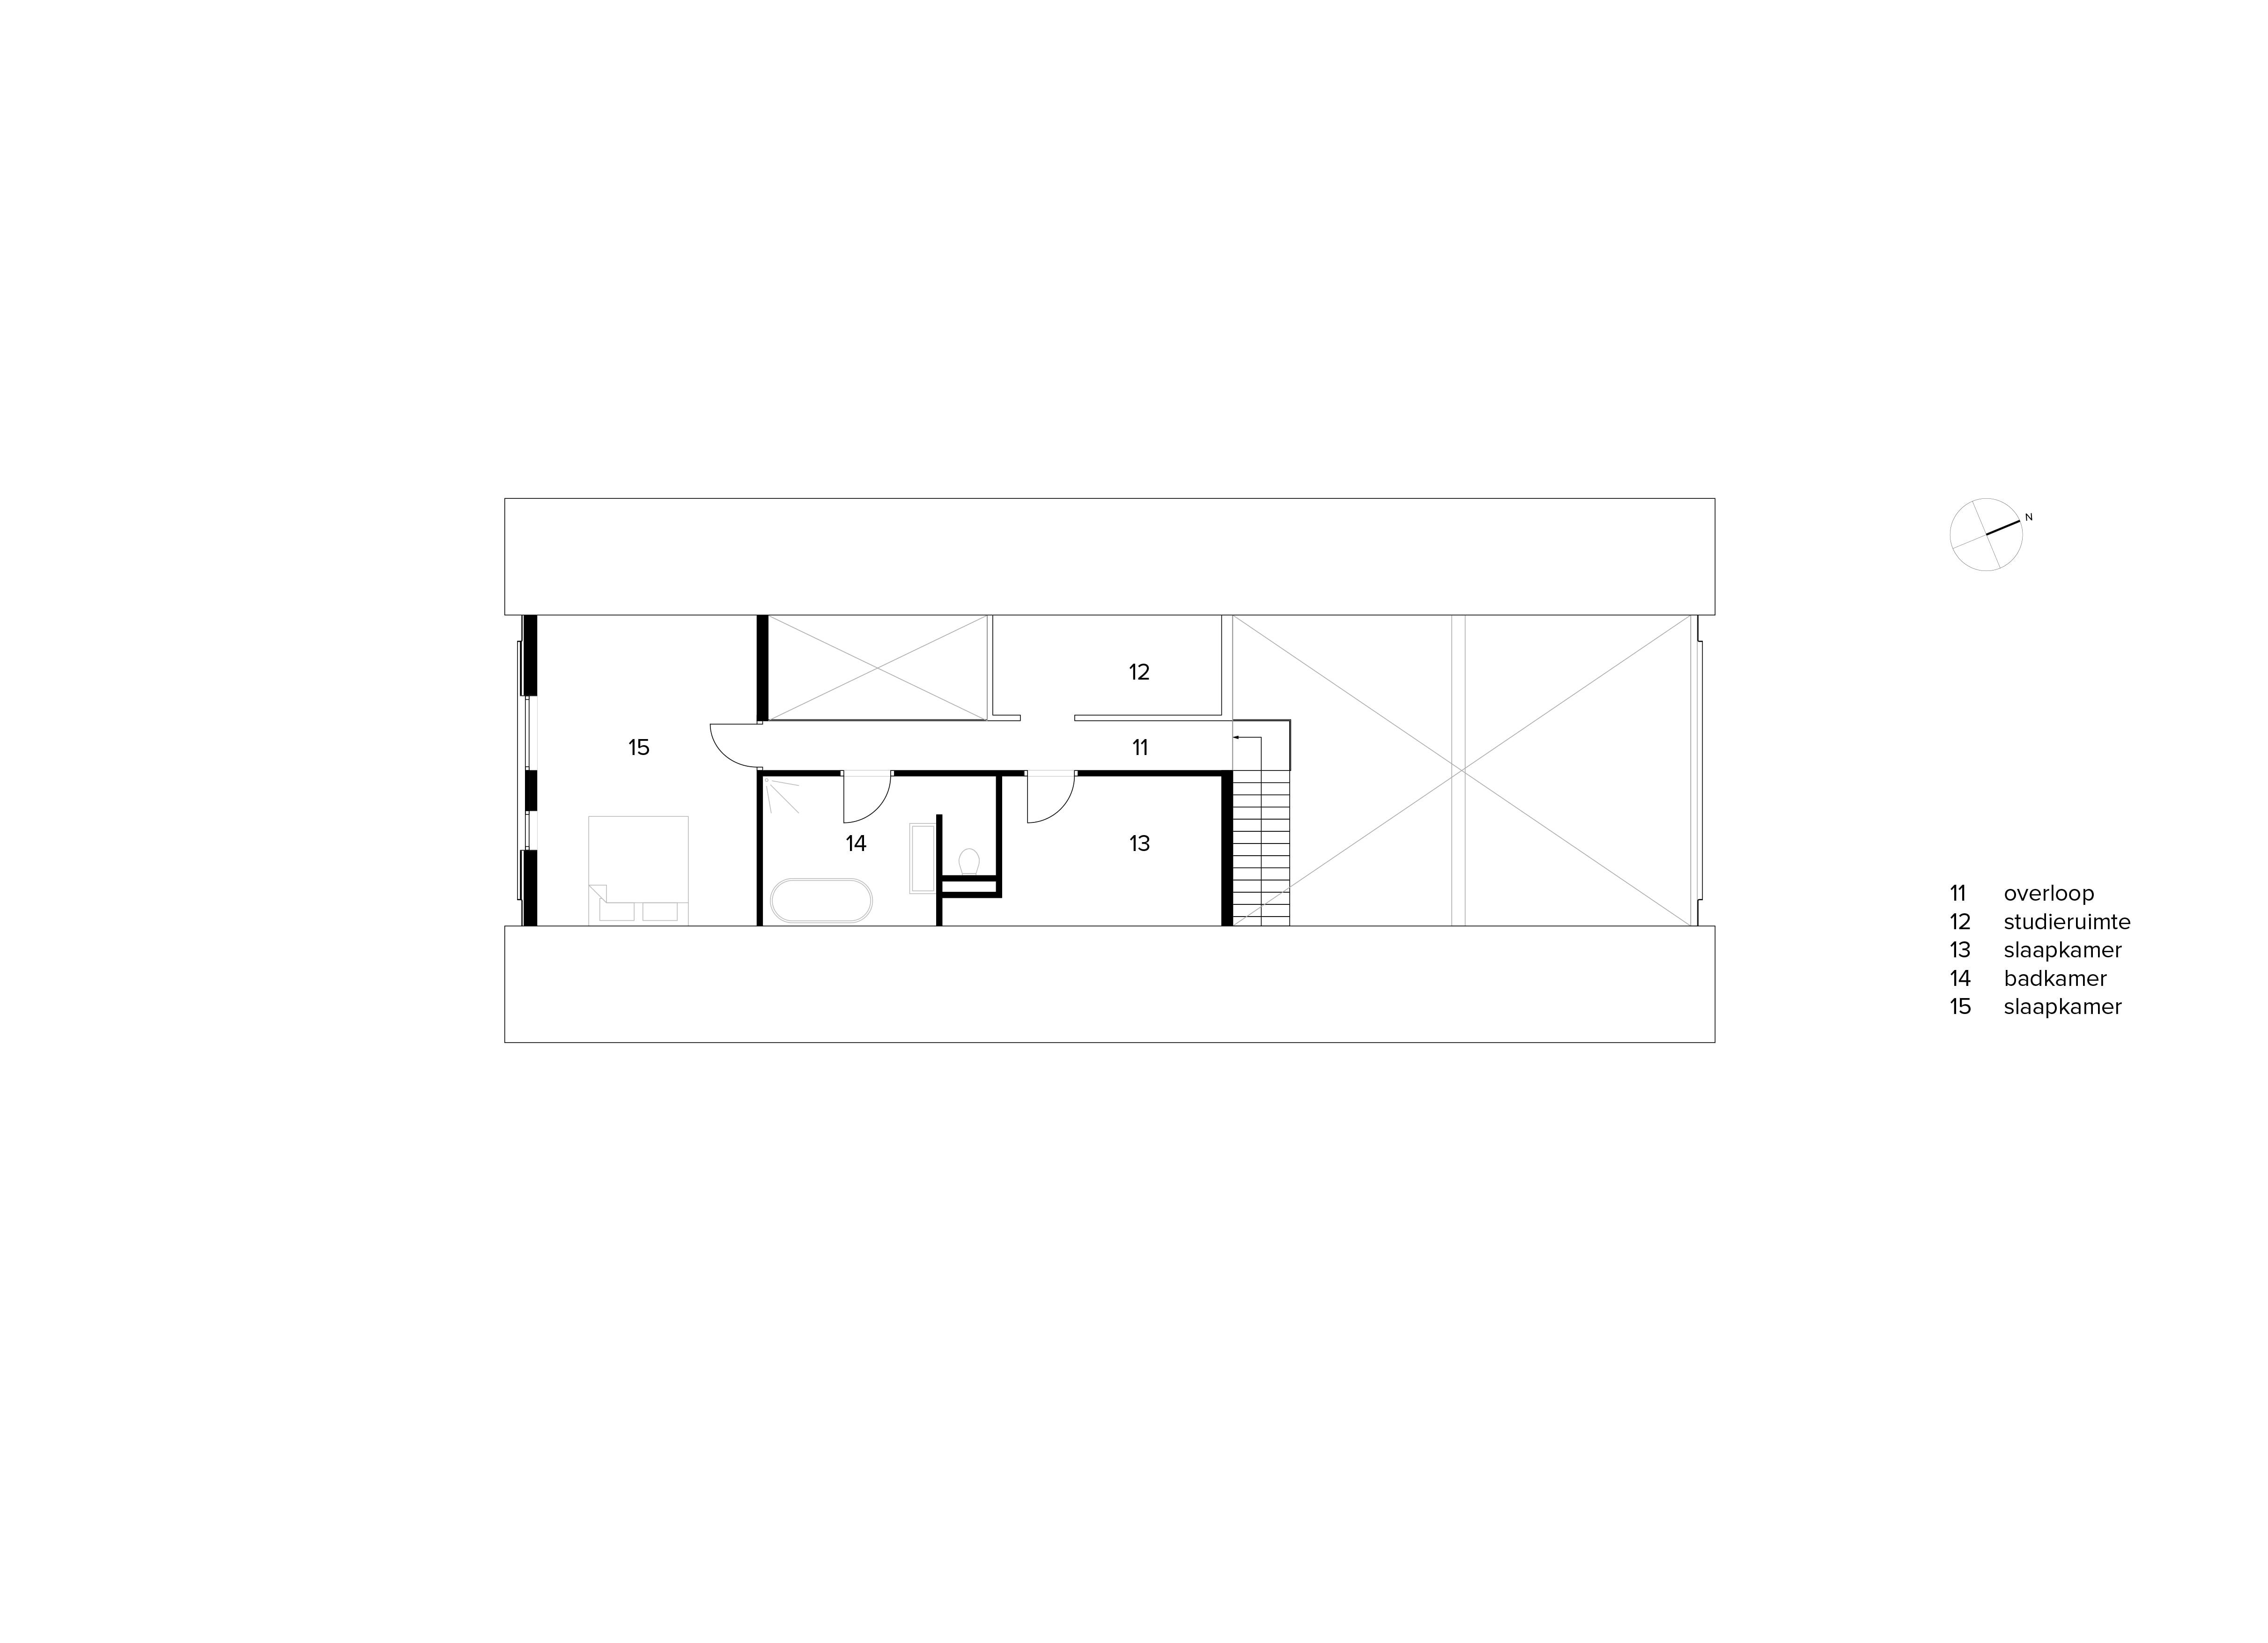 van Os Architecten, ontwerp moderne industriele woonboerderij Sevenum, plattegrond verdieping met 2 vides, studie en slaapkamers